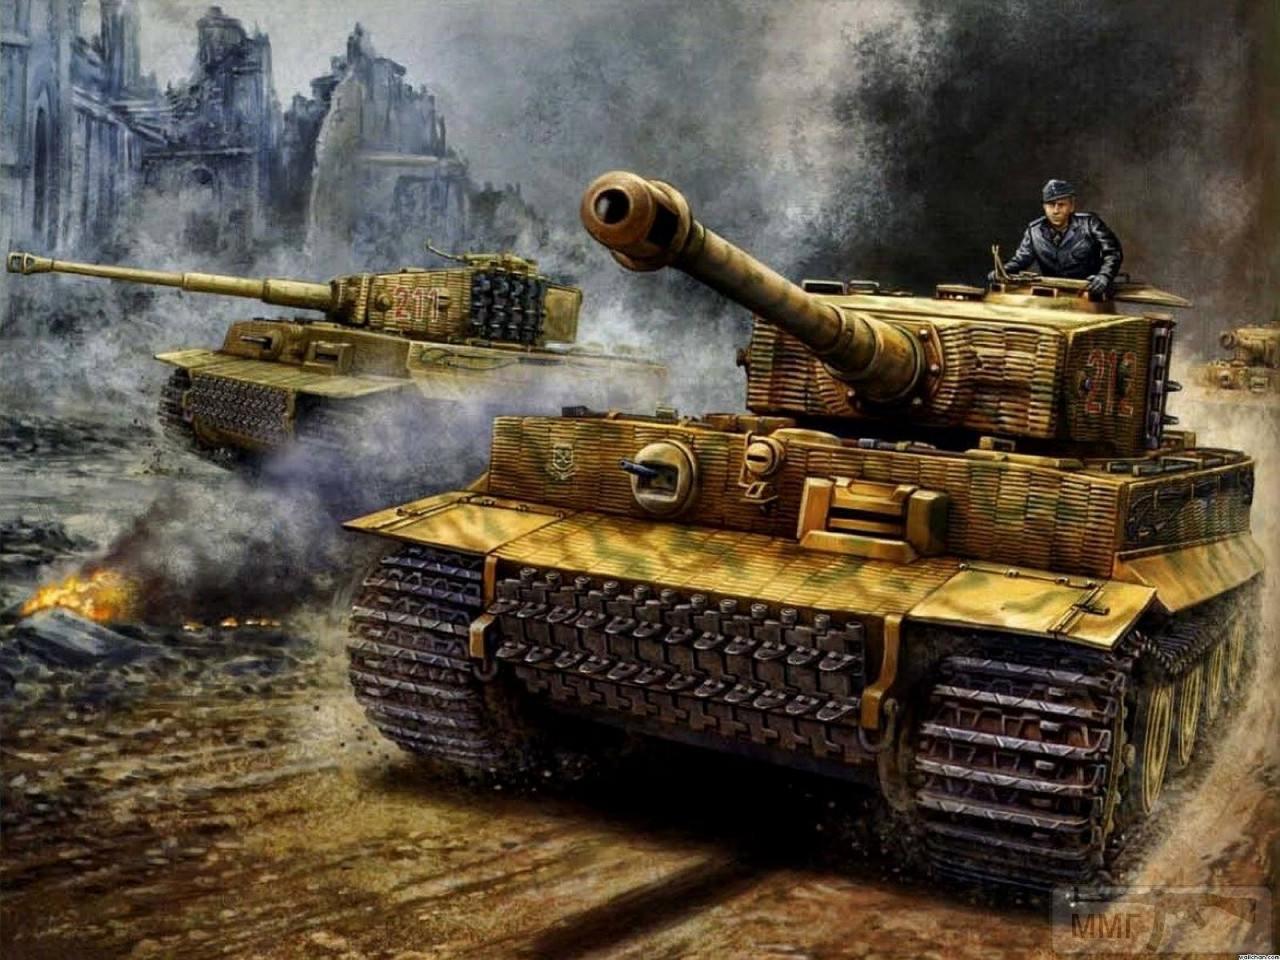 55665 - Танк Тигр - лучший танк Второй Мировой Войны?